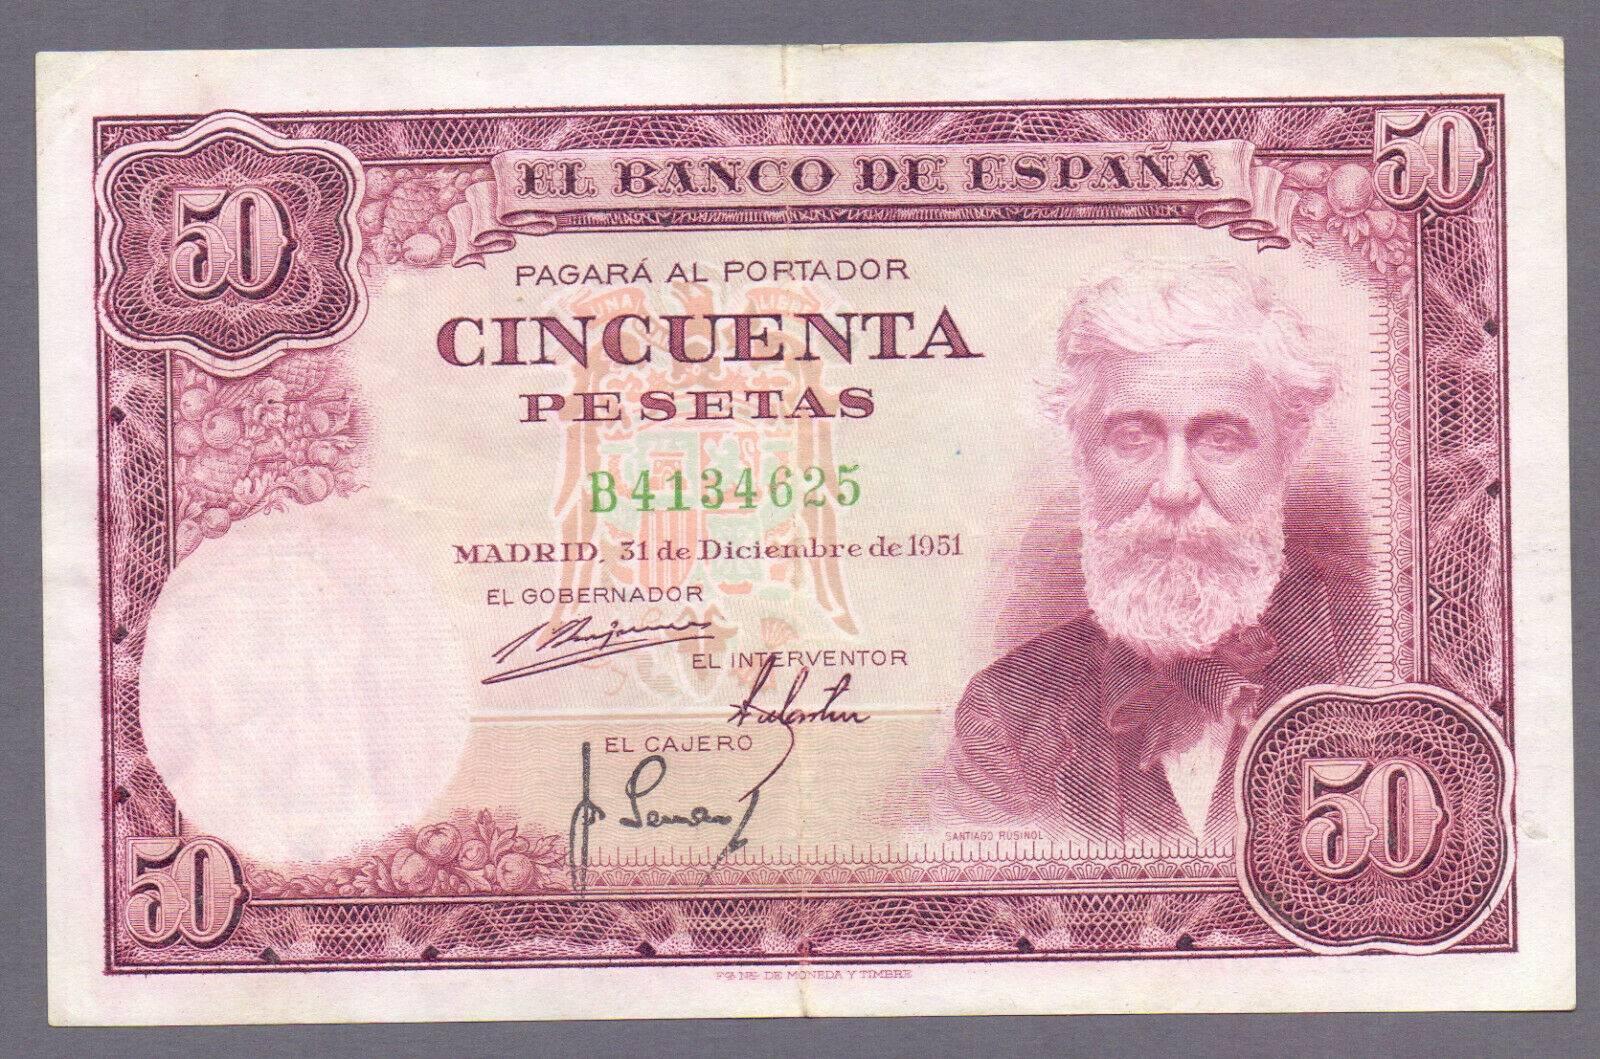 Какая валюта в испании в 2021 году? деньги испании